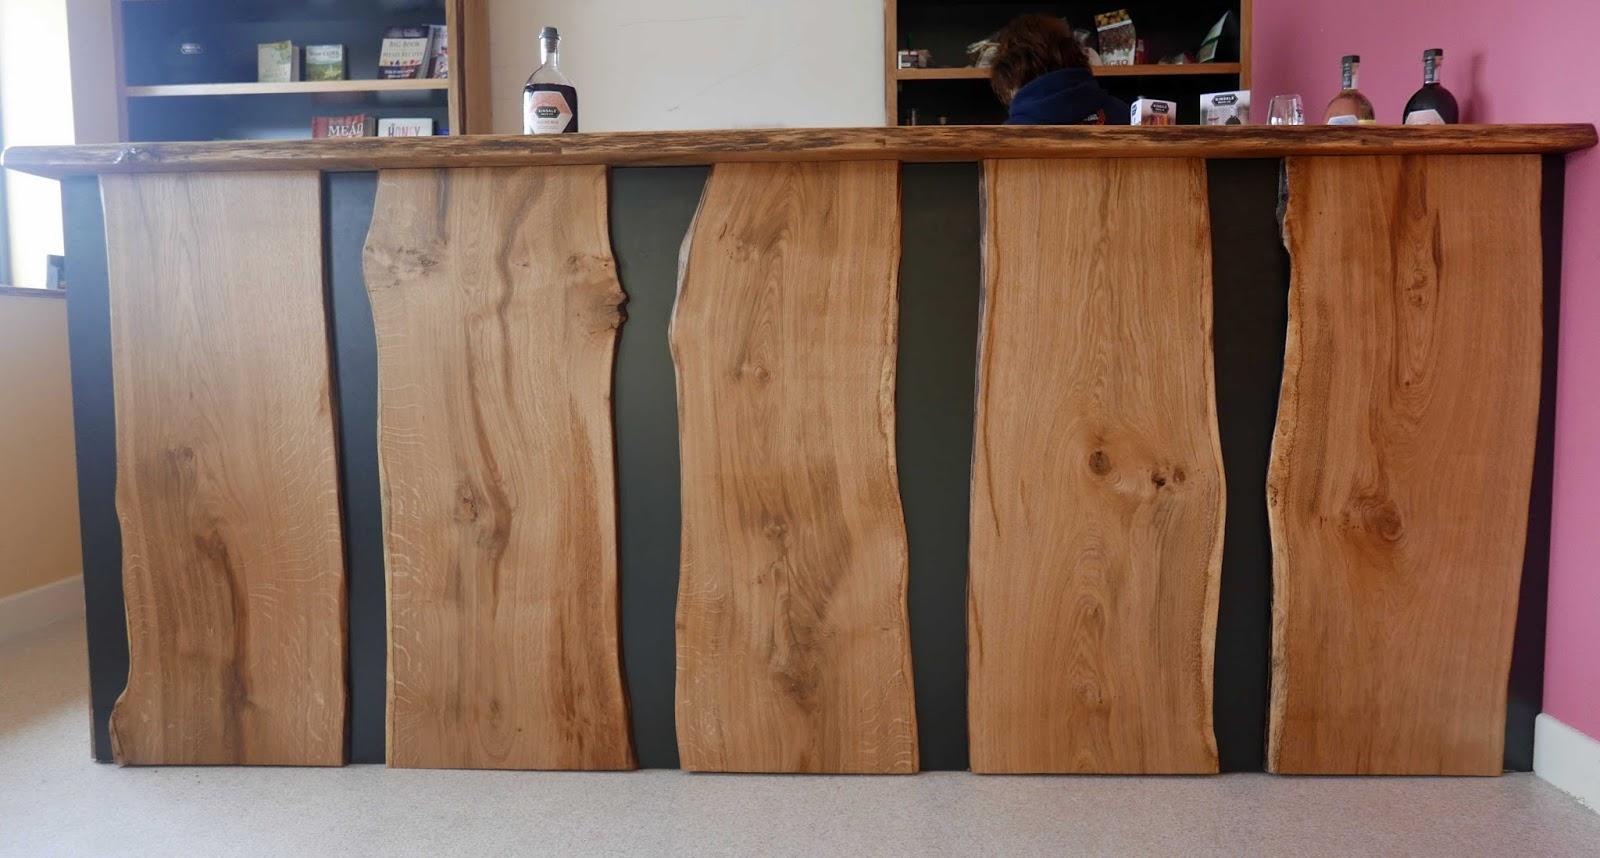 Superior The Bar Counter